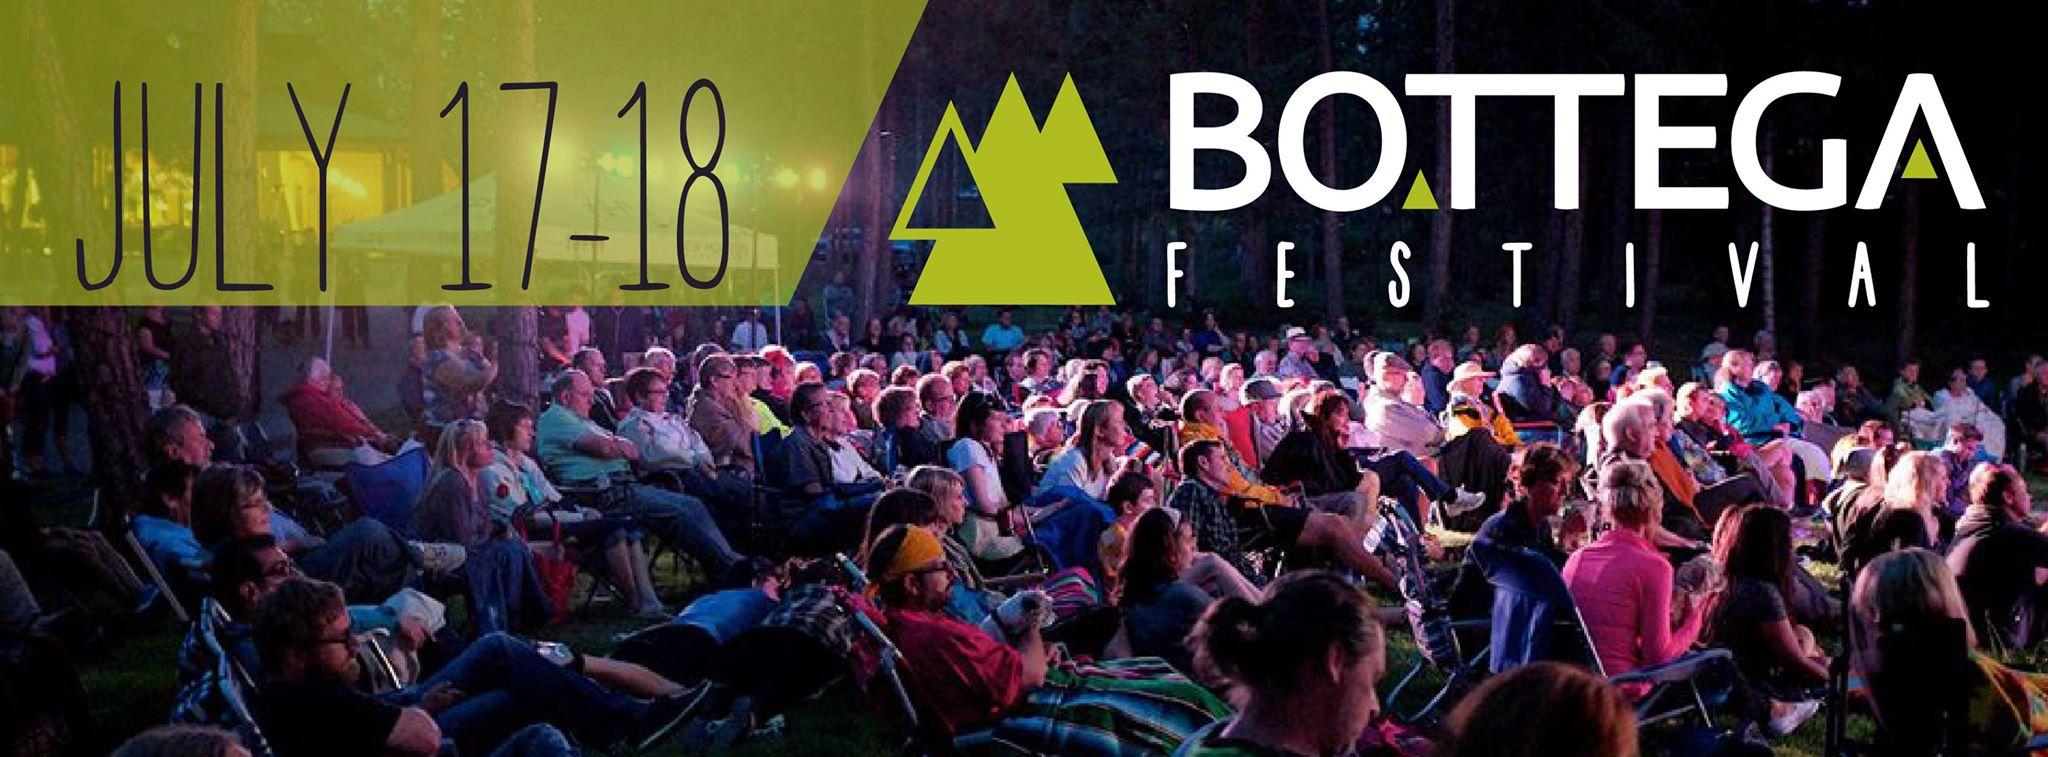 Bottega Festival